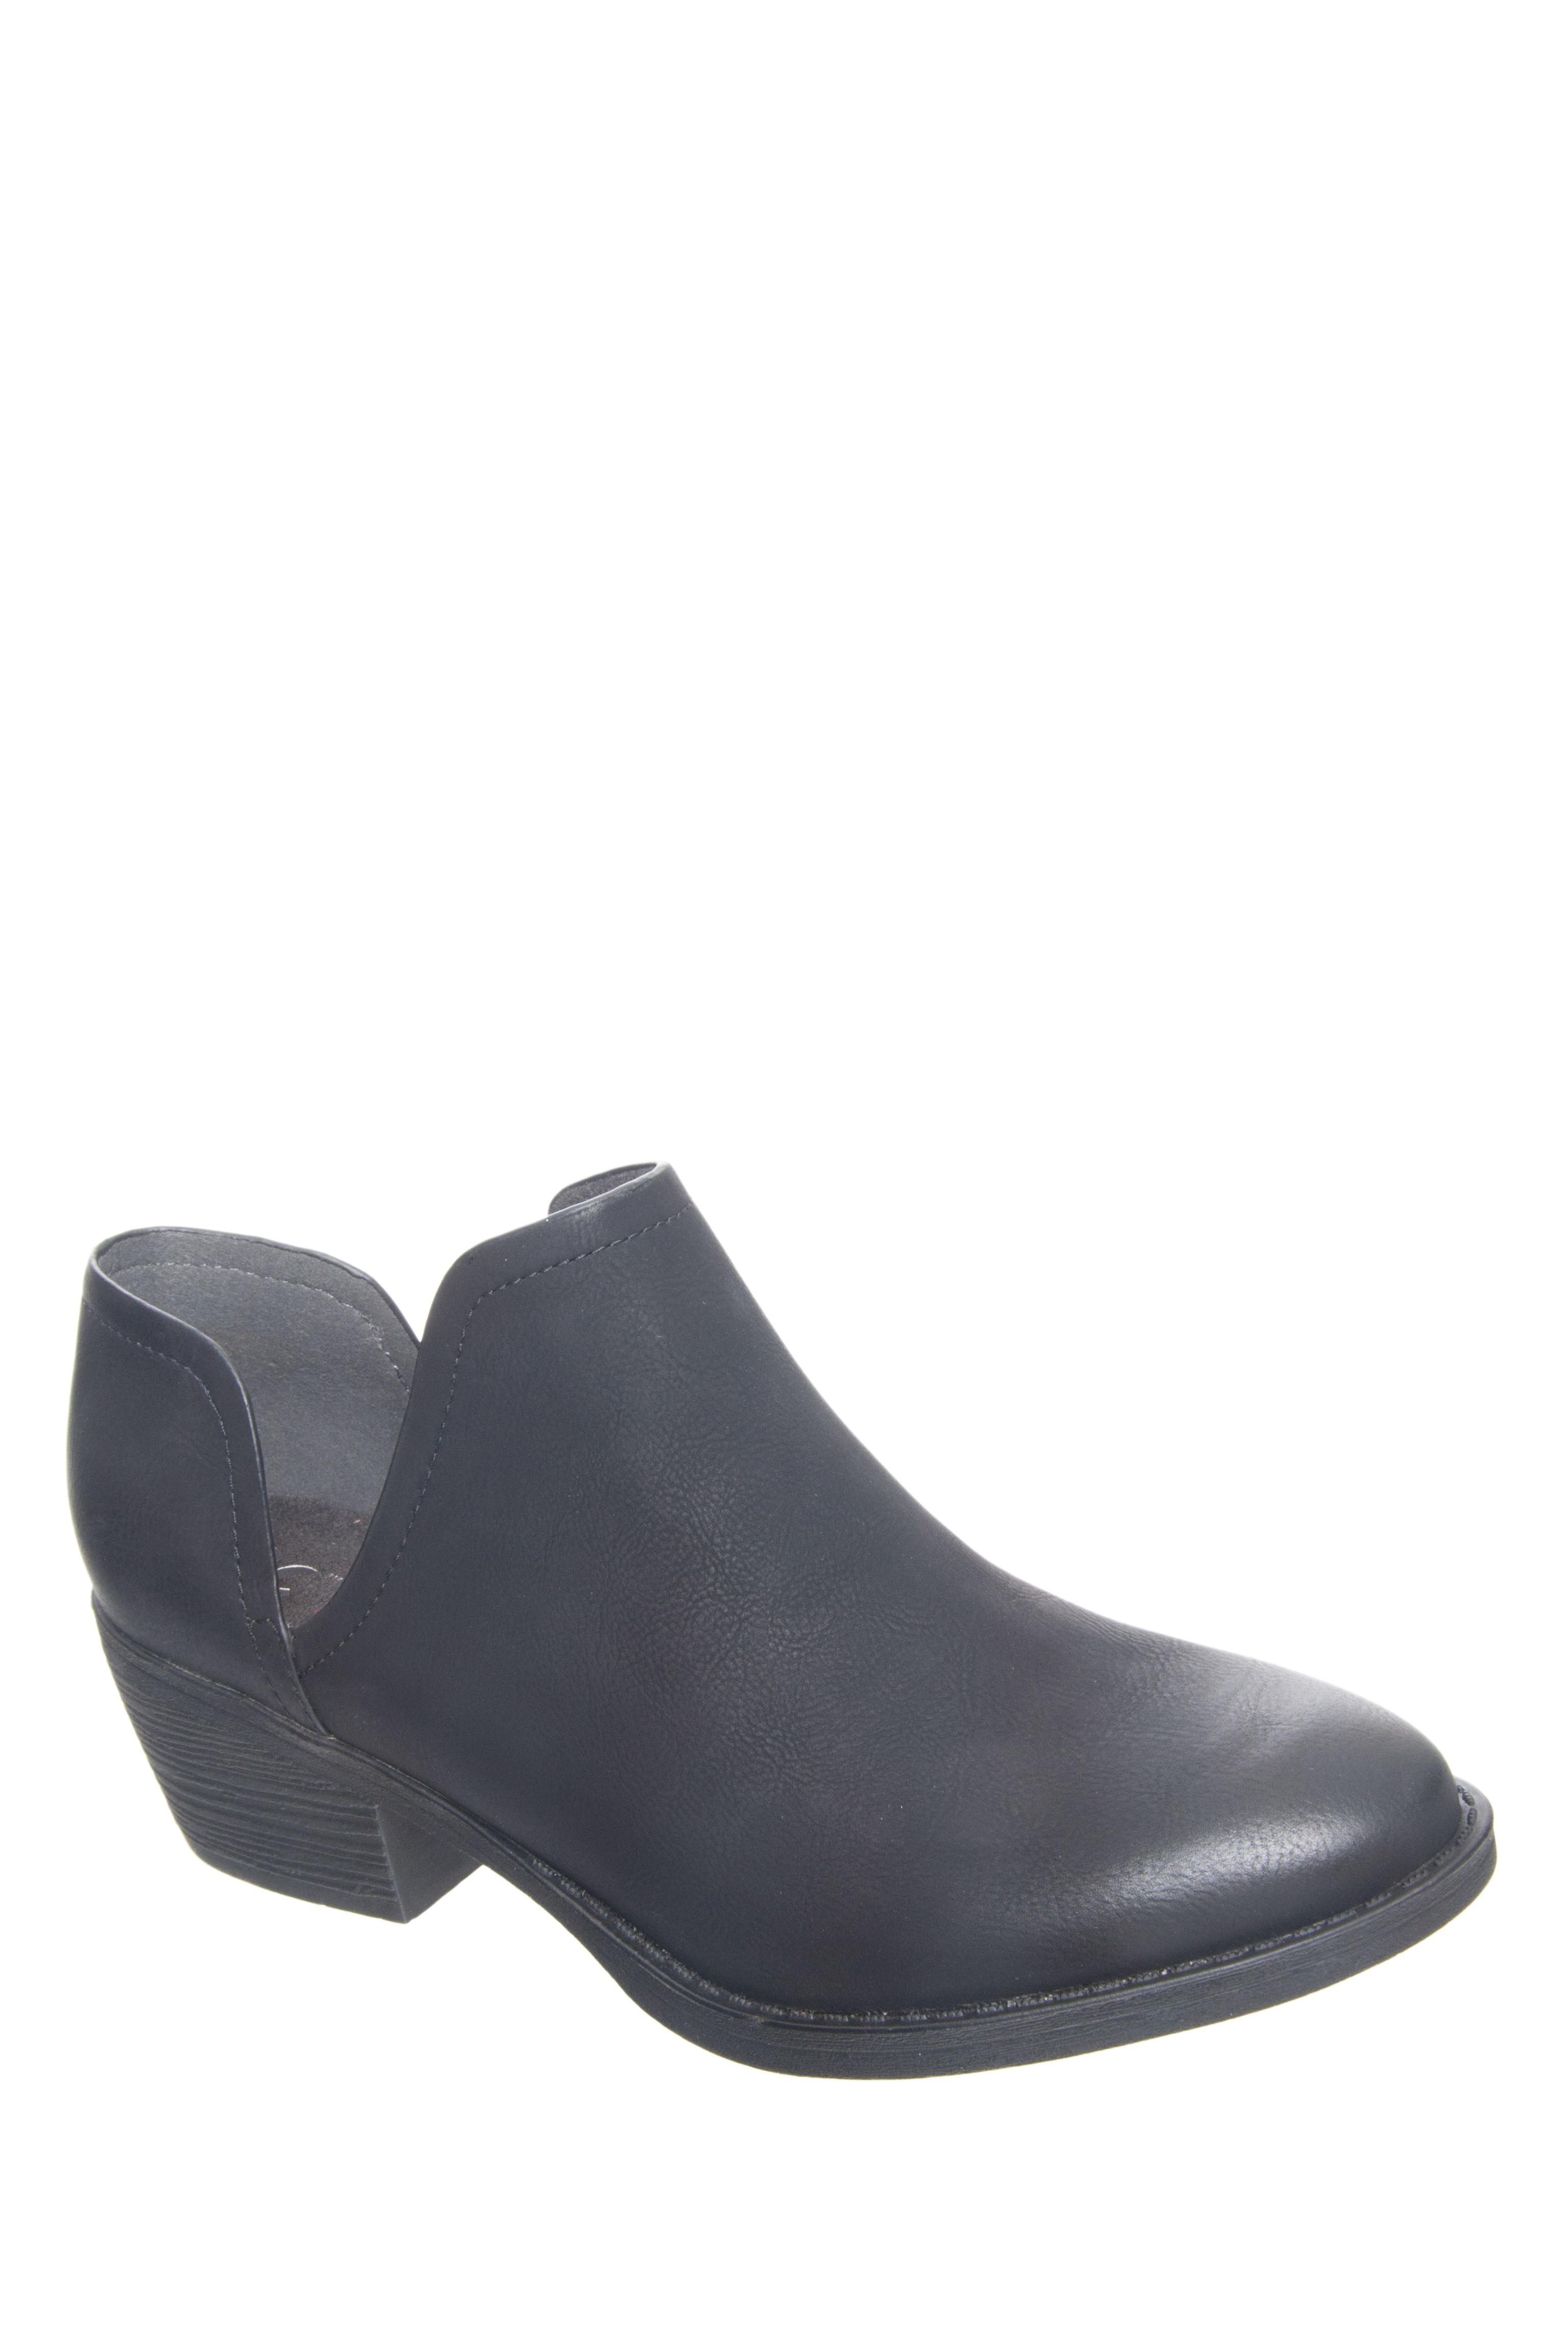 BC Footwear Flame Low Ankle Booties - Black